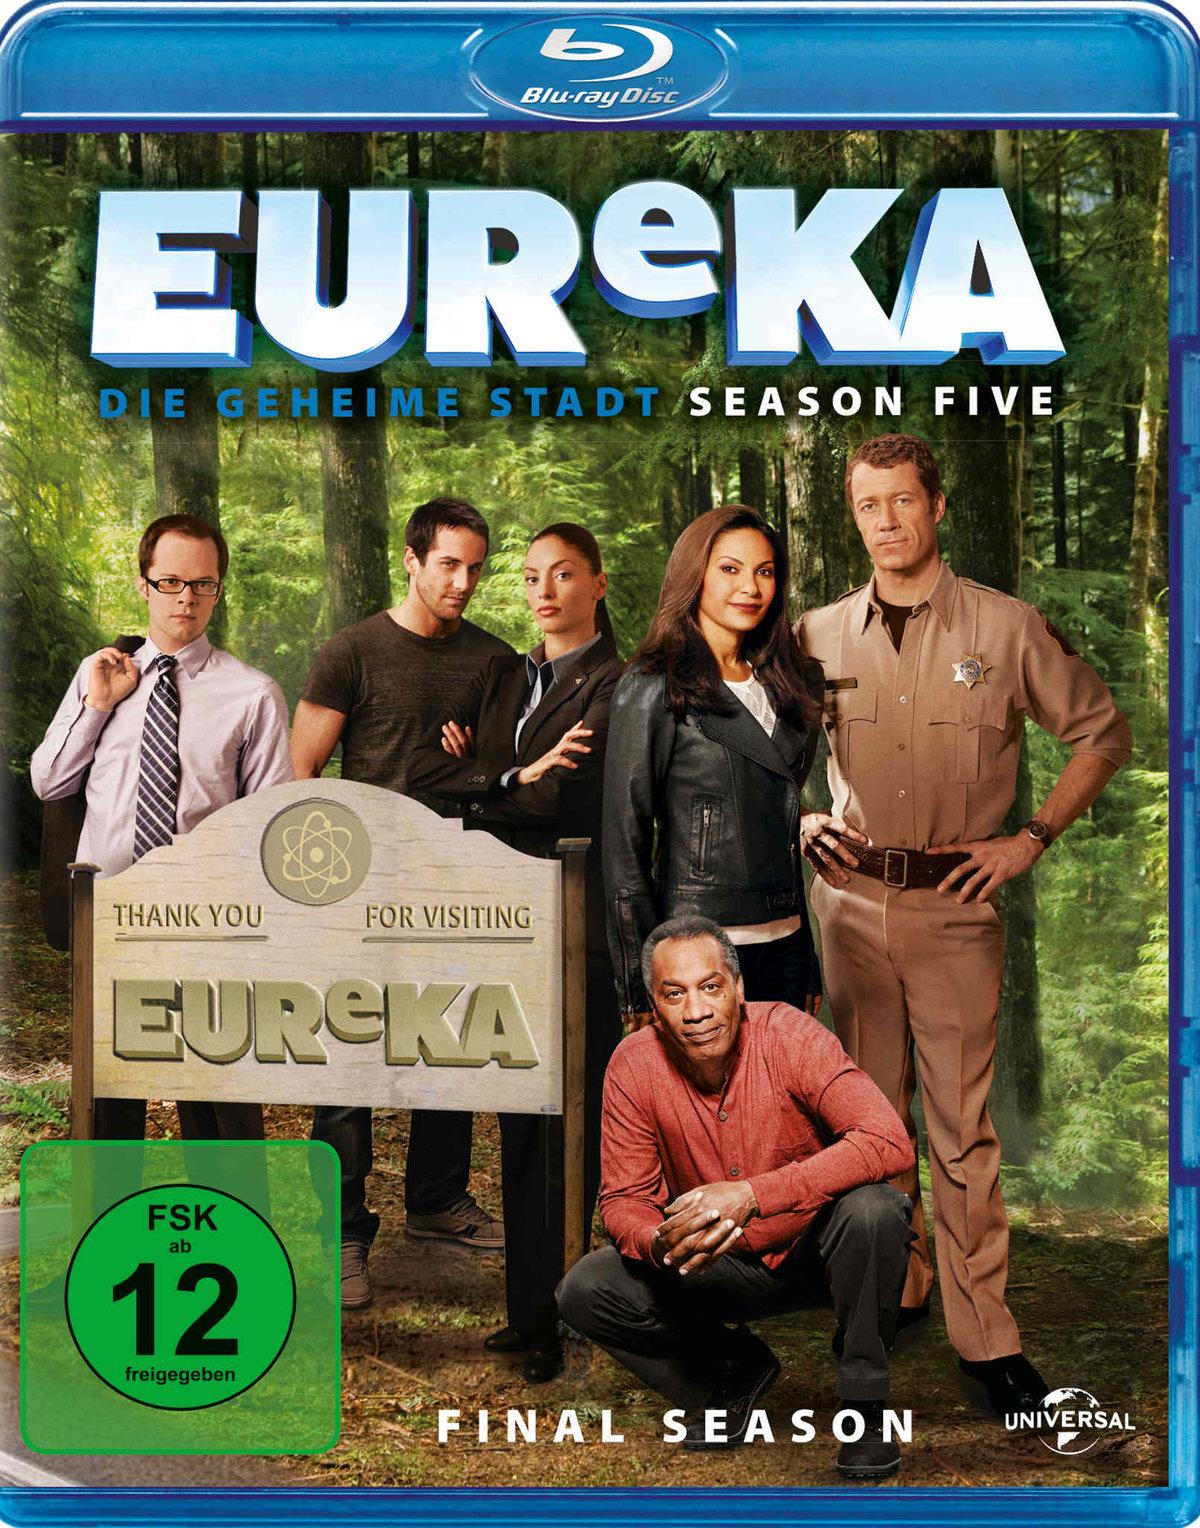 Eureka - Staffel 5 - Finale Staffel (3 Blu-rays)